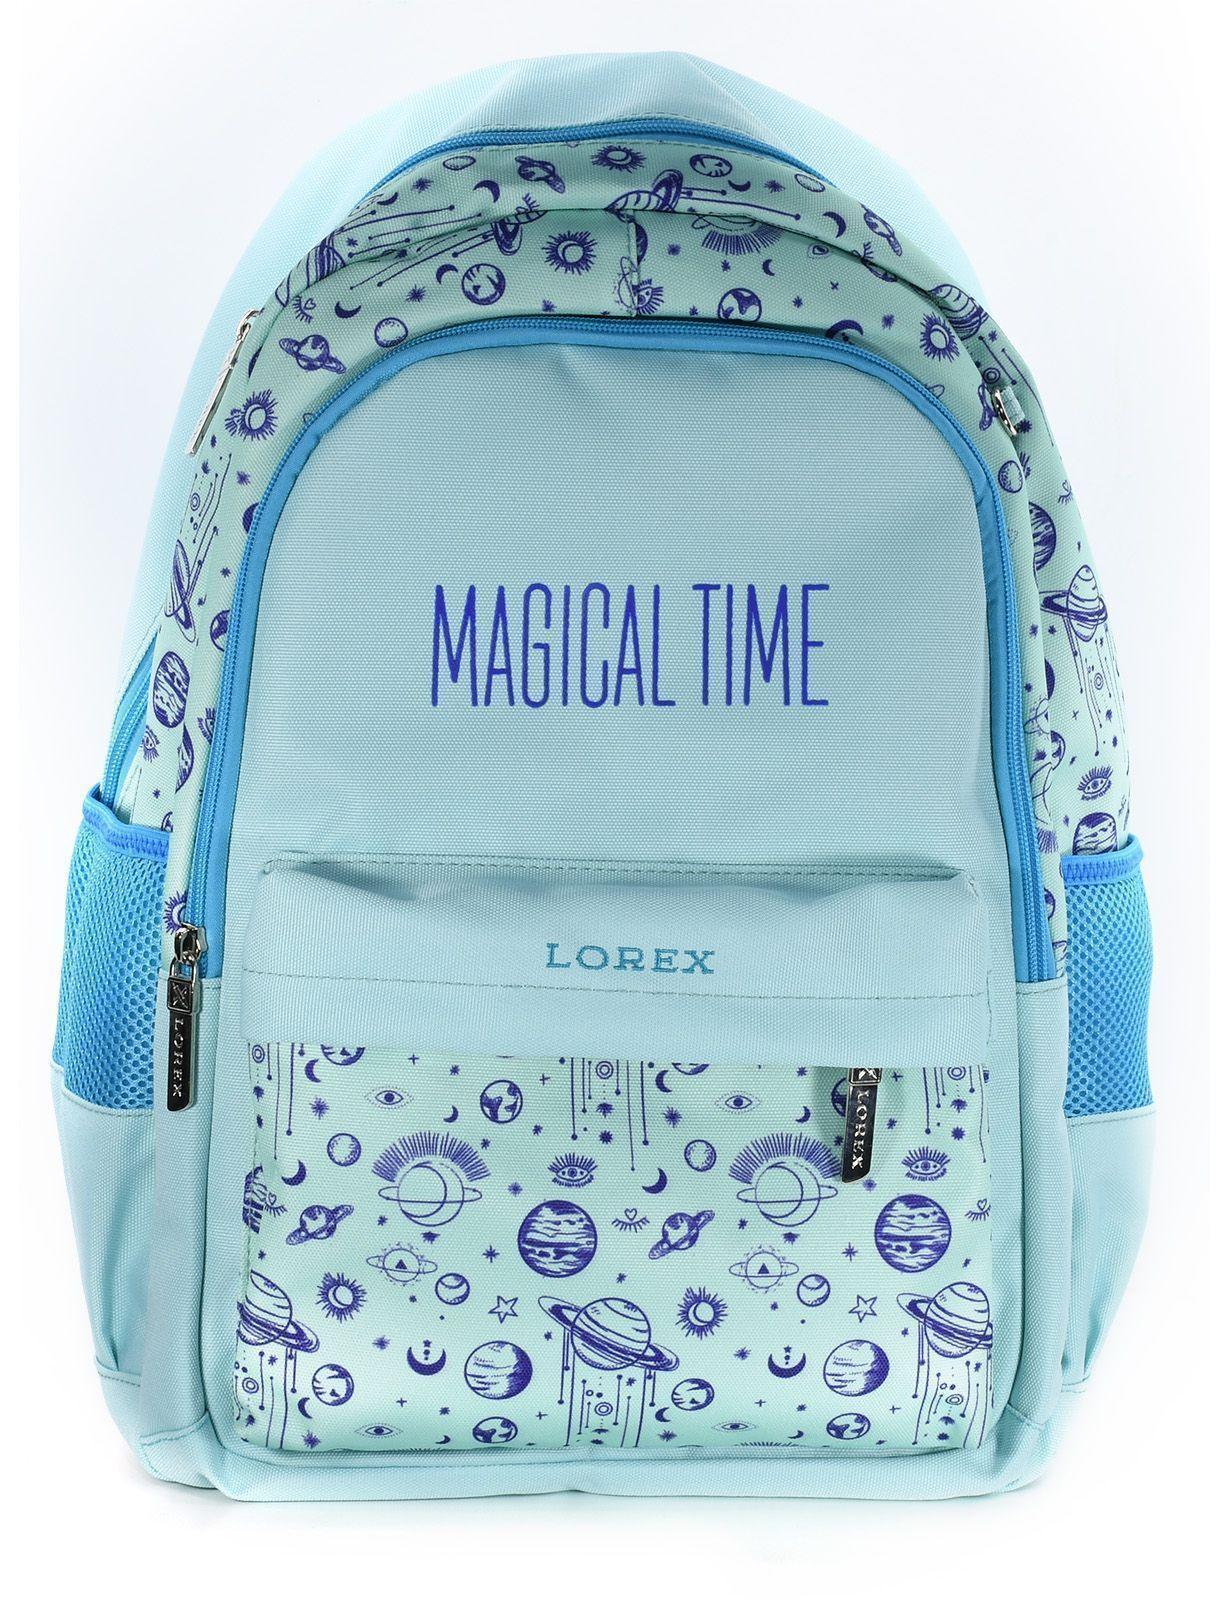 Рюкзак LOREX MAGICAL TIME, модель ERGONOMIC M5, мягкий каркас, двухсекционный, 45,5х31х14,5 см, 21 л, для девочек